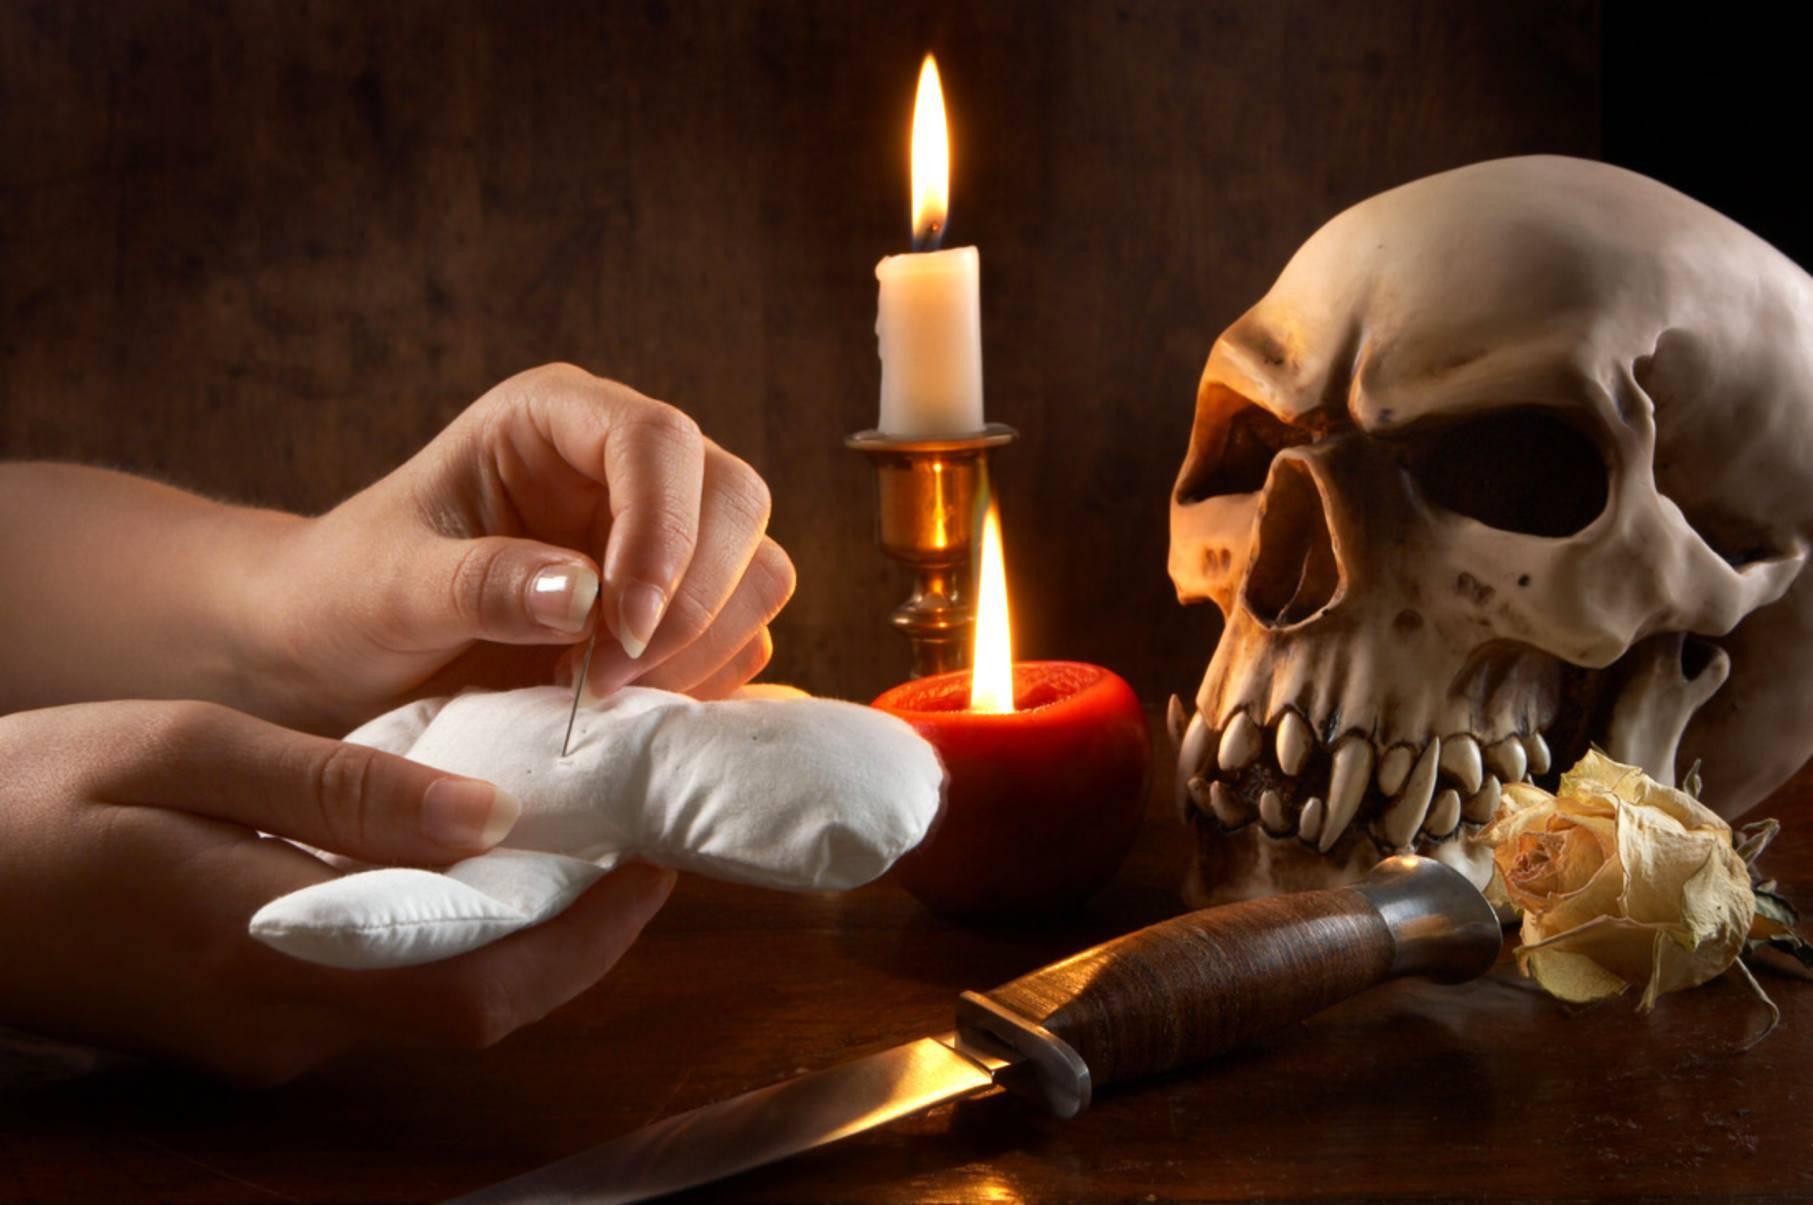 Признаки порчи и сглаза: симптомы, признаки, на здоровье, на деньги, на одиночество, на смерть, способы очистки.